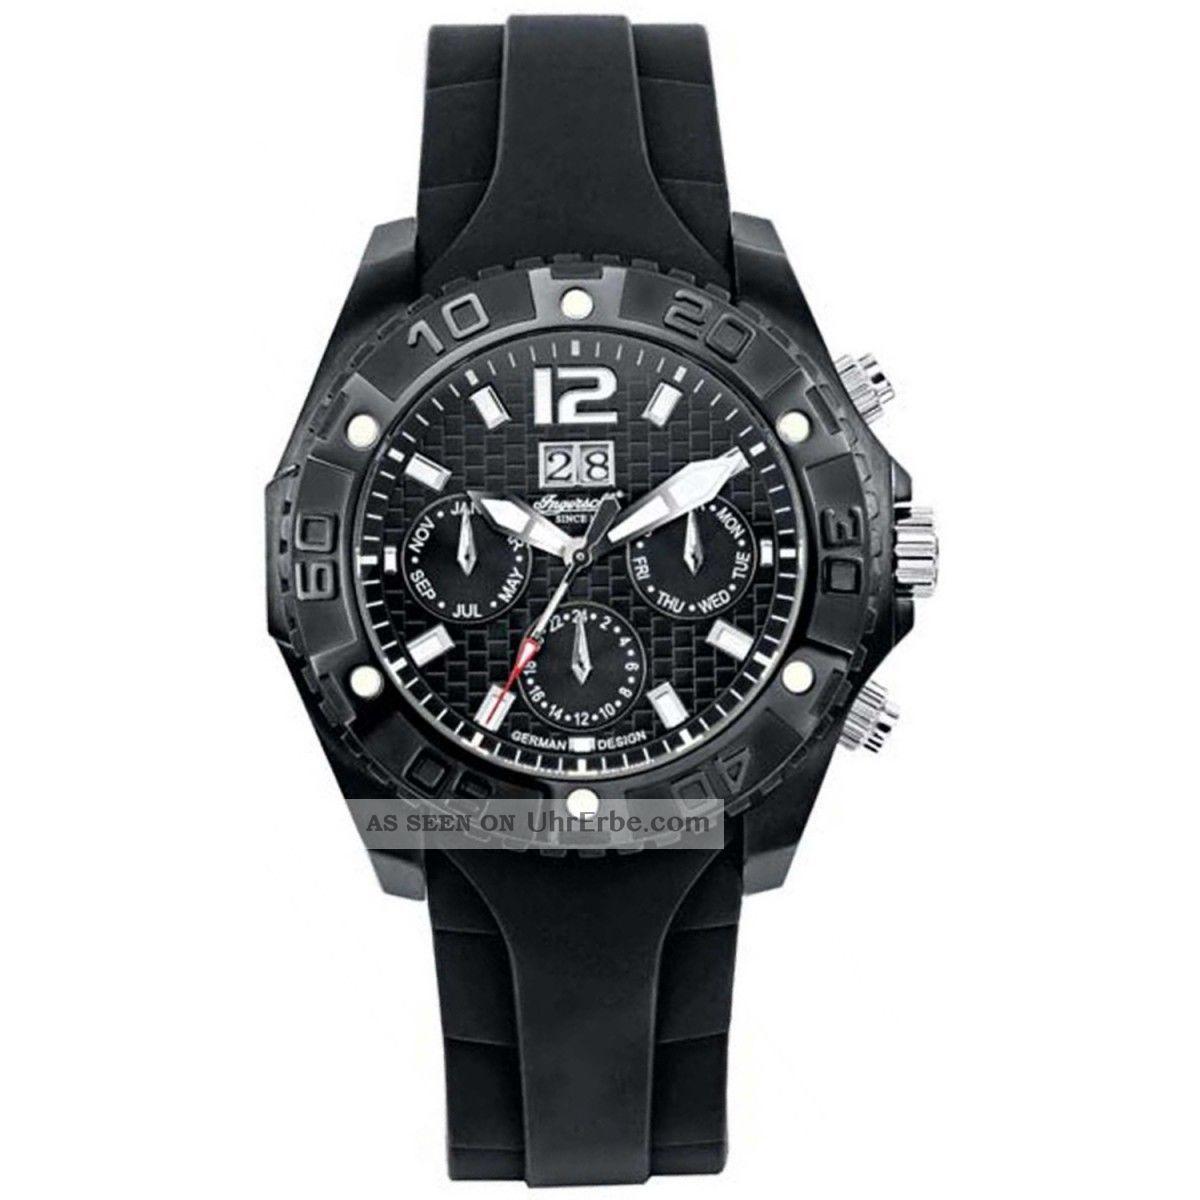 Ingersoll Yuca 1210 Bbk Herrenuhr Automatik Armbanduhren Bild